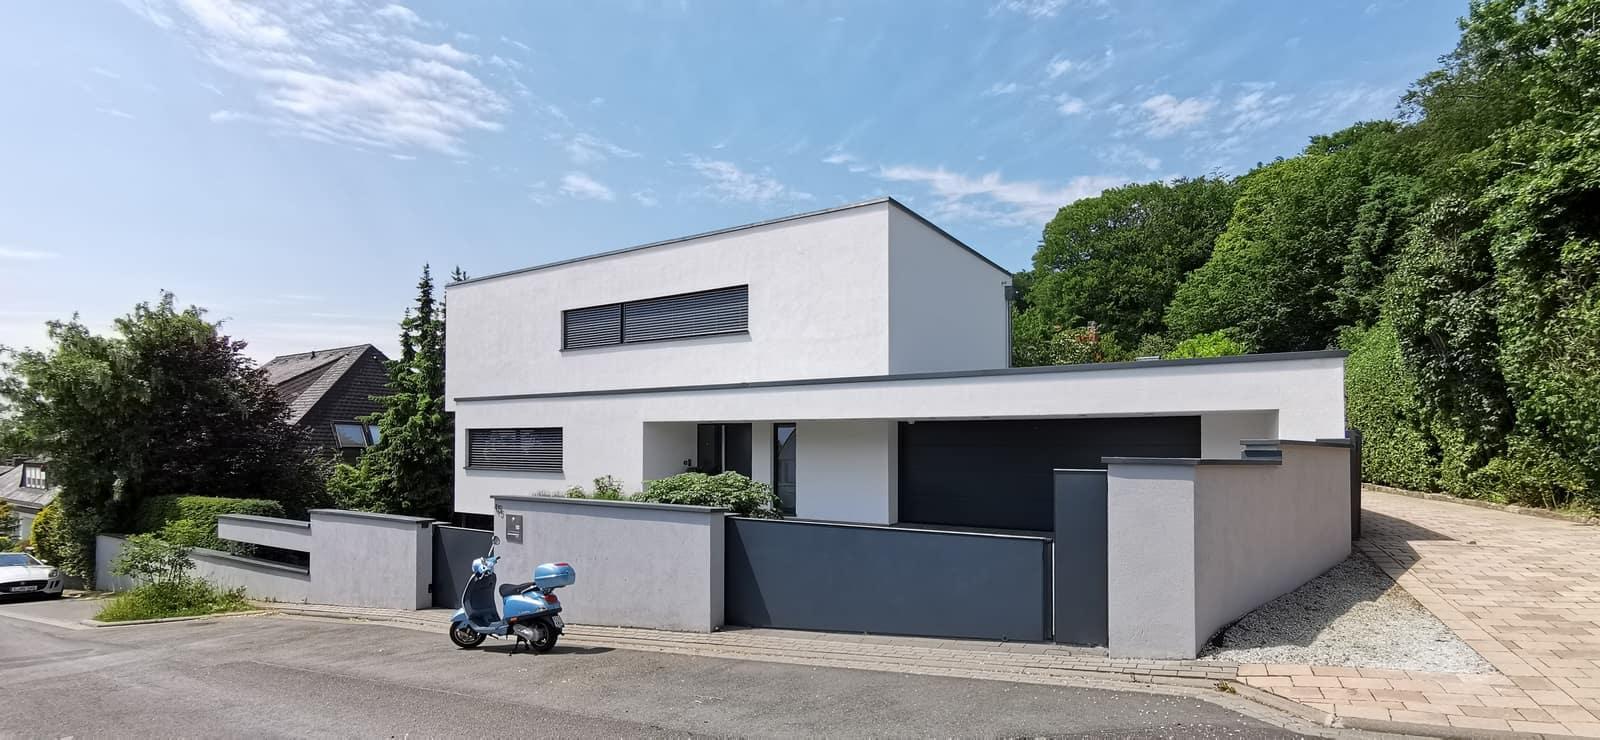 Moderne Architektur Einfamilienhaus